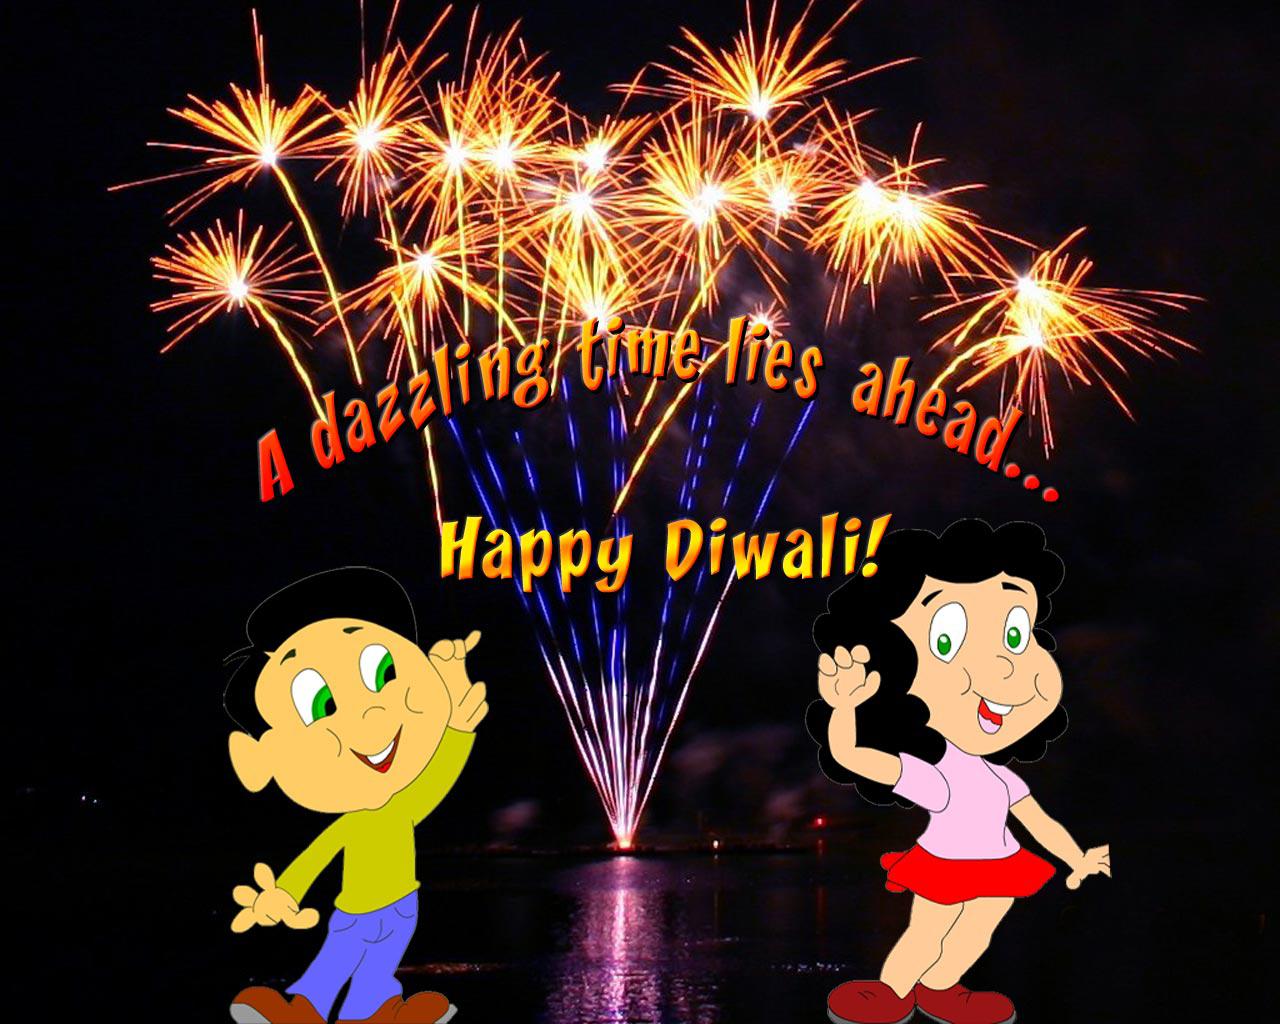 http://3.bp.blogspot.com/-2iKLBzM8Hw8/UDNyF4Uo98I/AAAAAAAAAJo/ecSYPHXg00A/s1600/happy-diwali-wallpaper.jpg